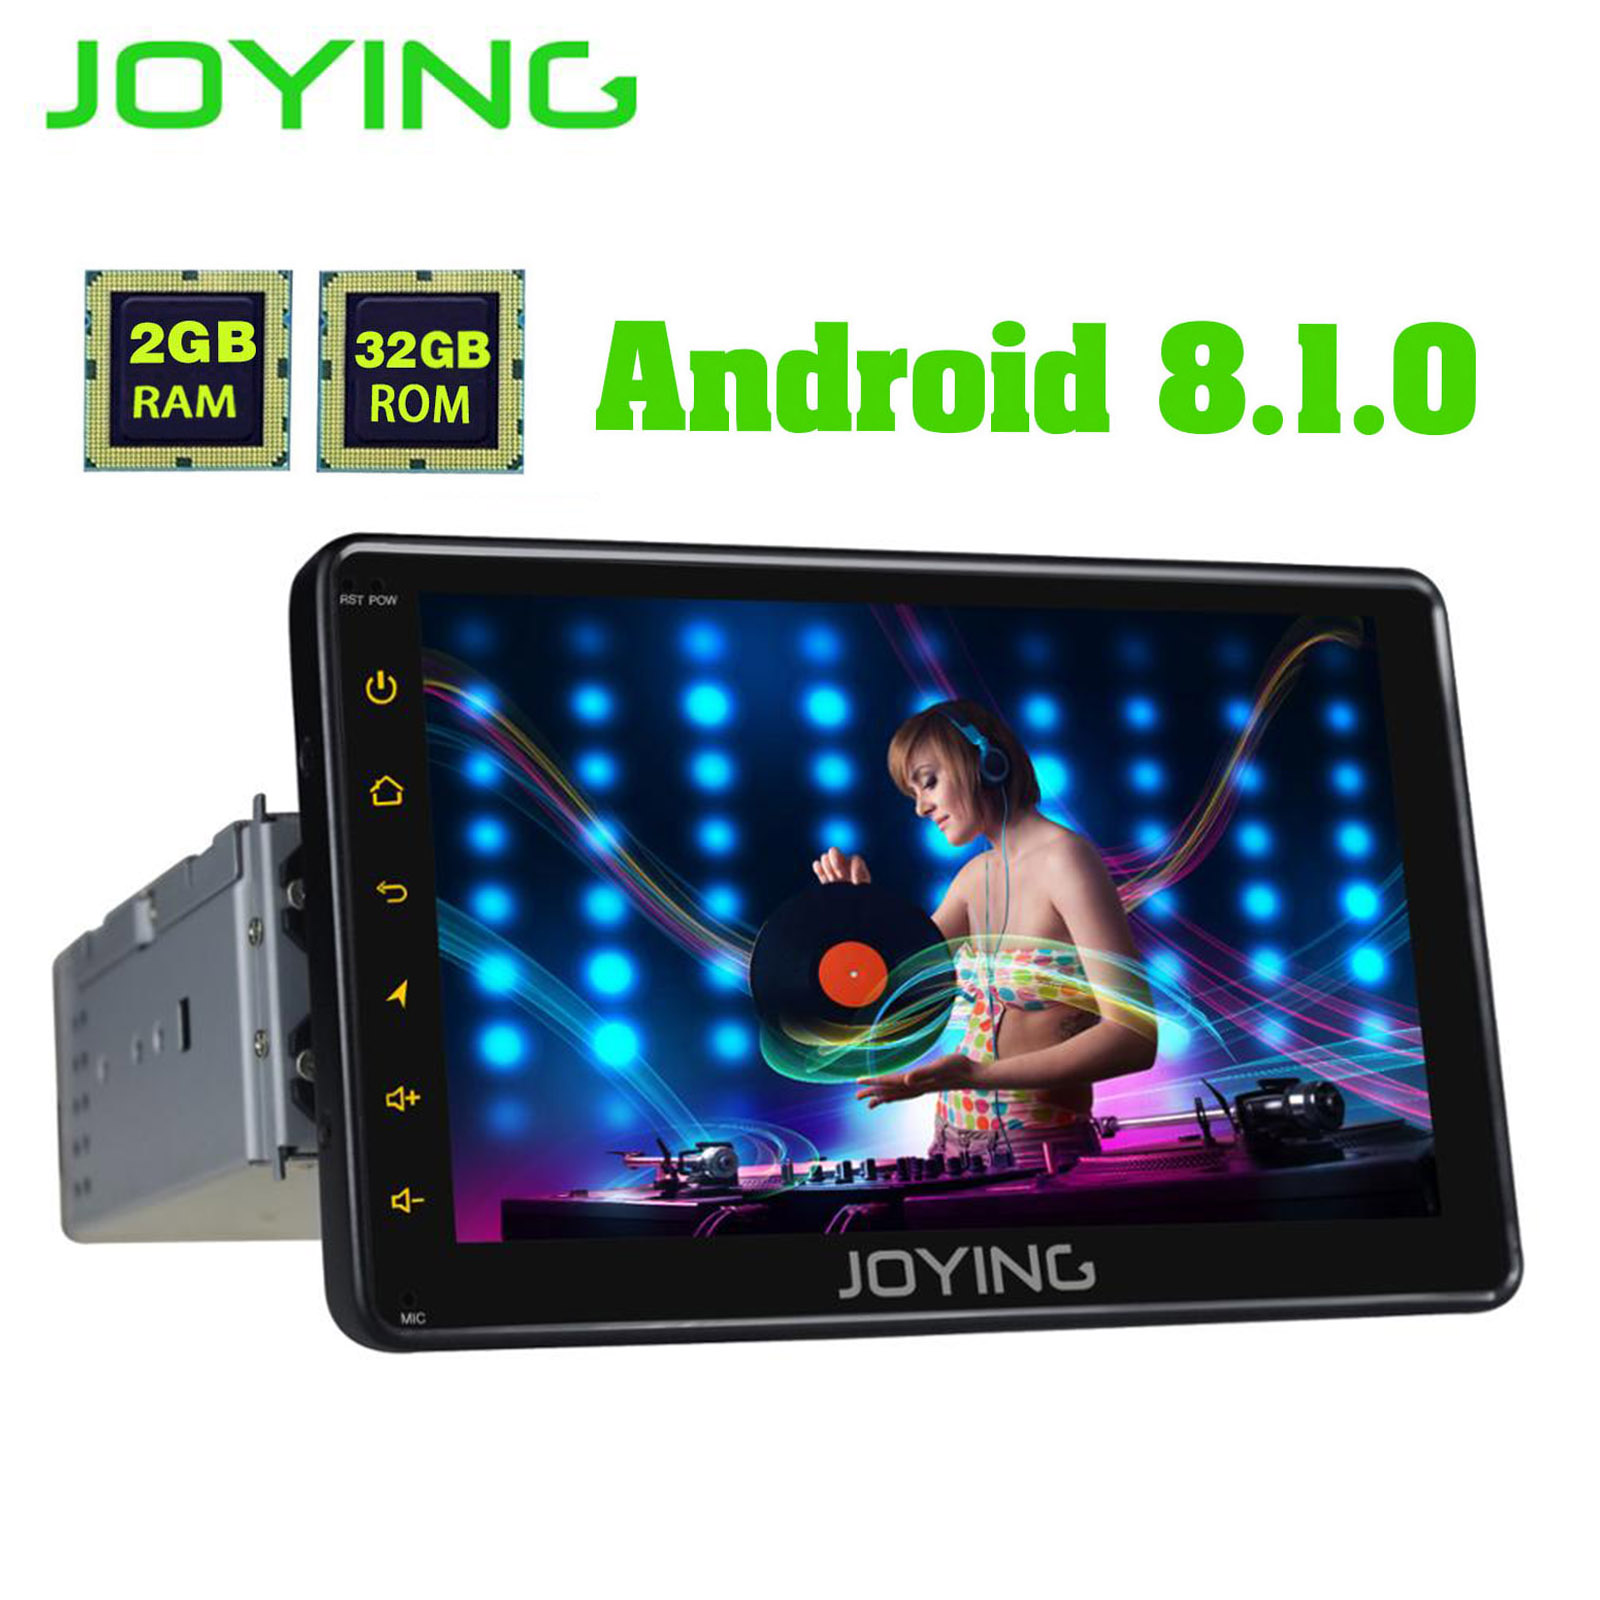 JOYING 1 2GB de RAM Android 8.1 Autoradio Carro Único DIN 7 ''Unidade de Cabeça de Multimídia HD Estéreo Rádio Do Carro jogador Do Bluetooth FM WI-FI DVR